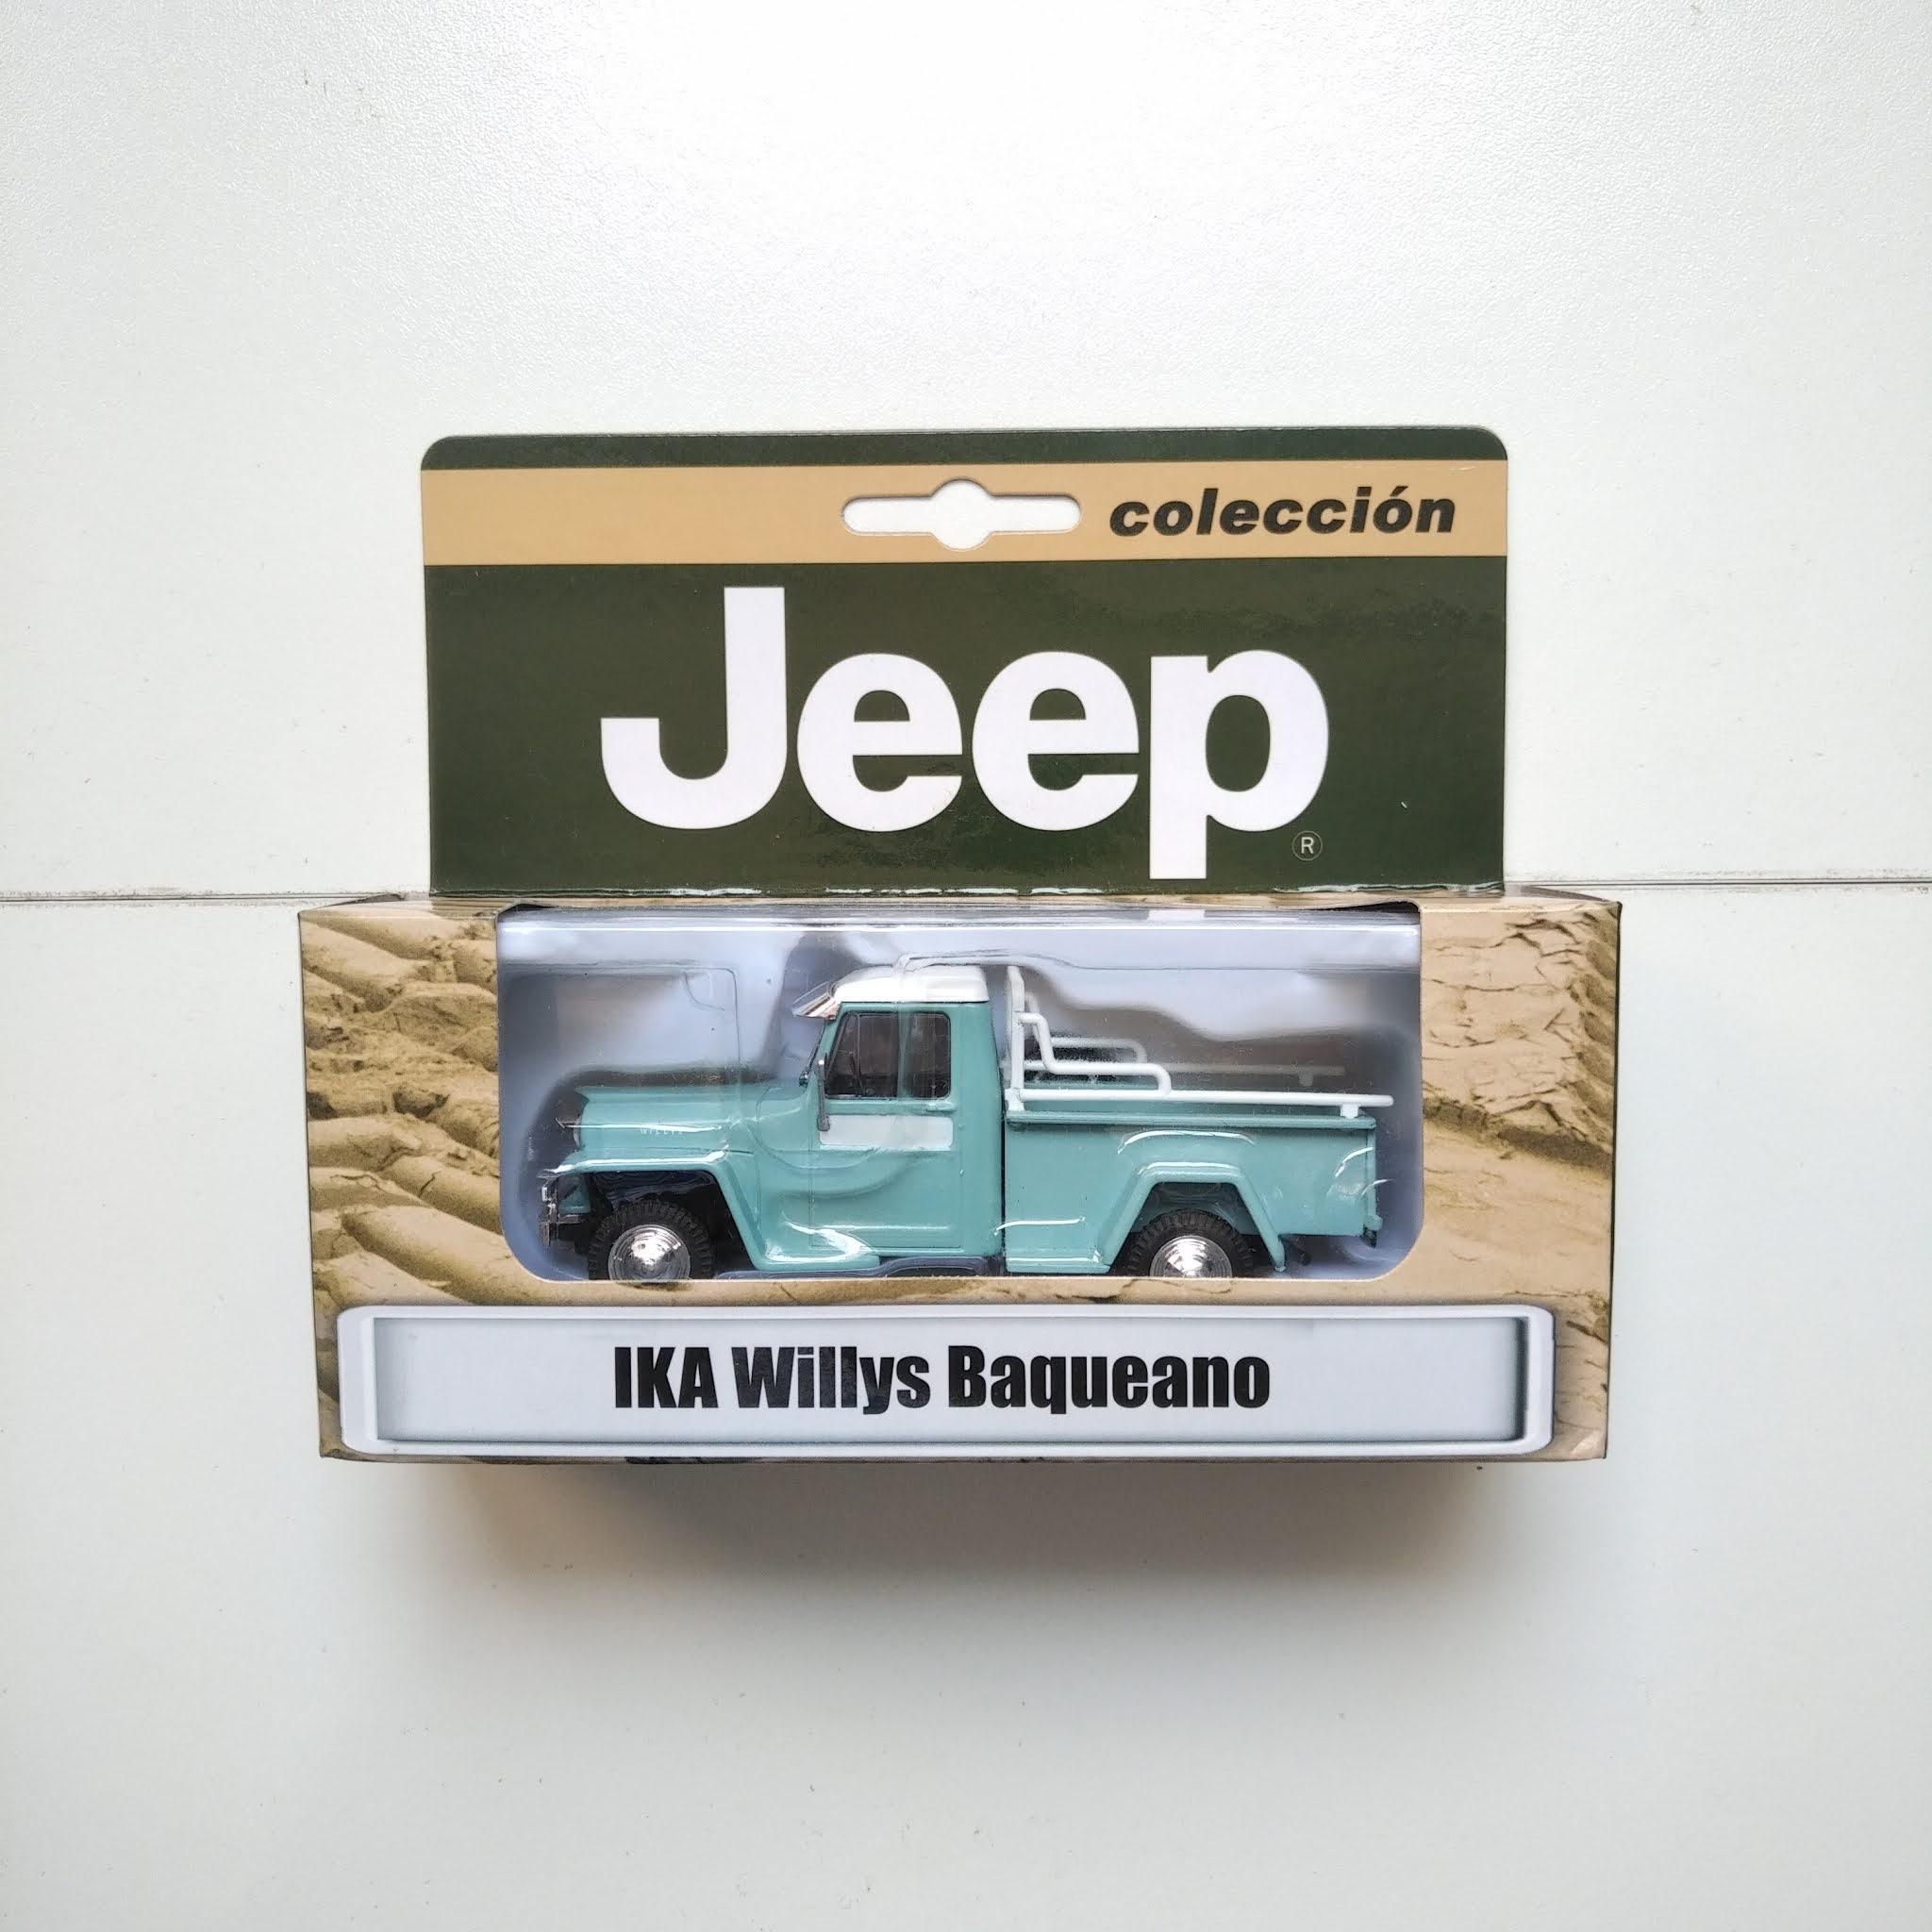 coleccion jeep